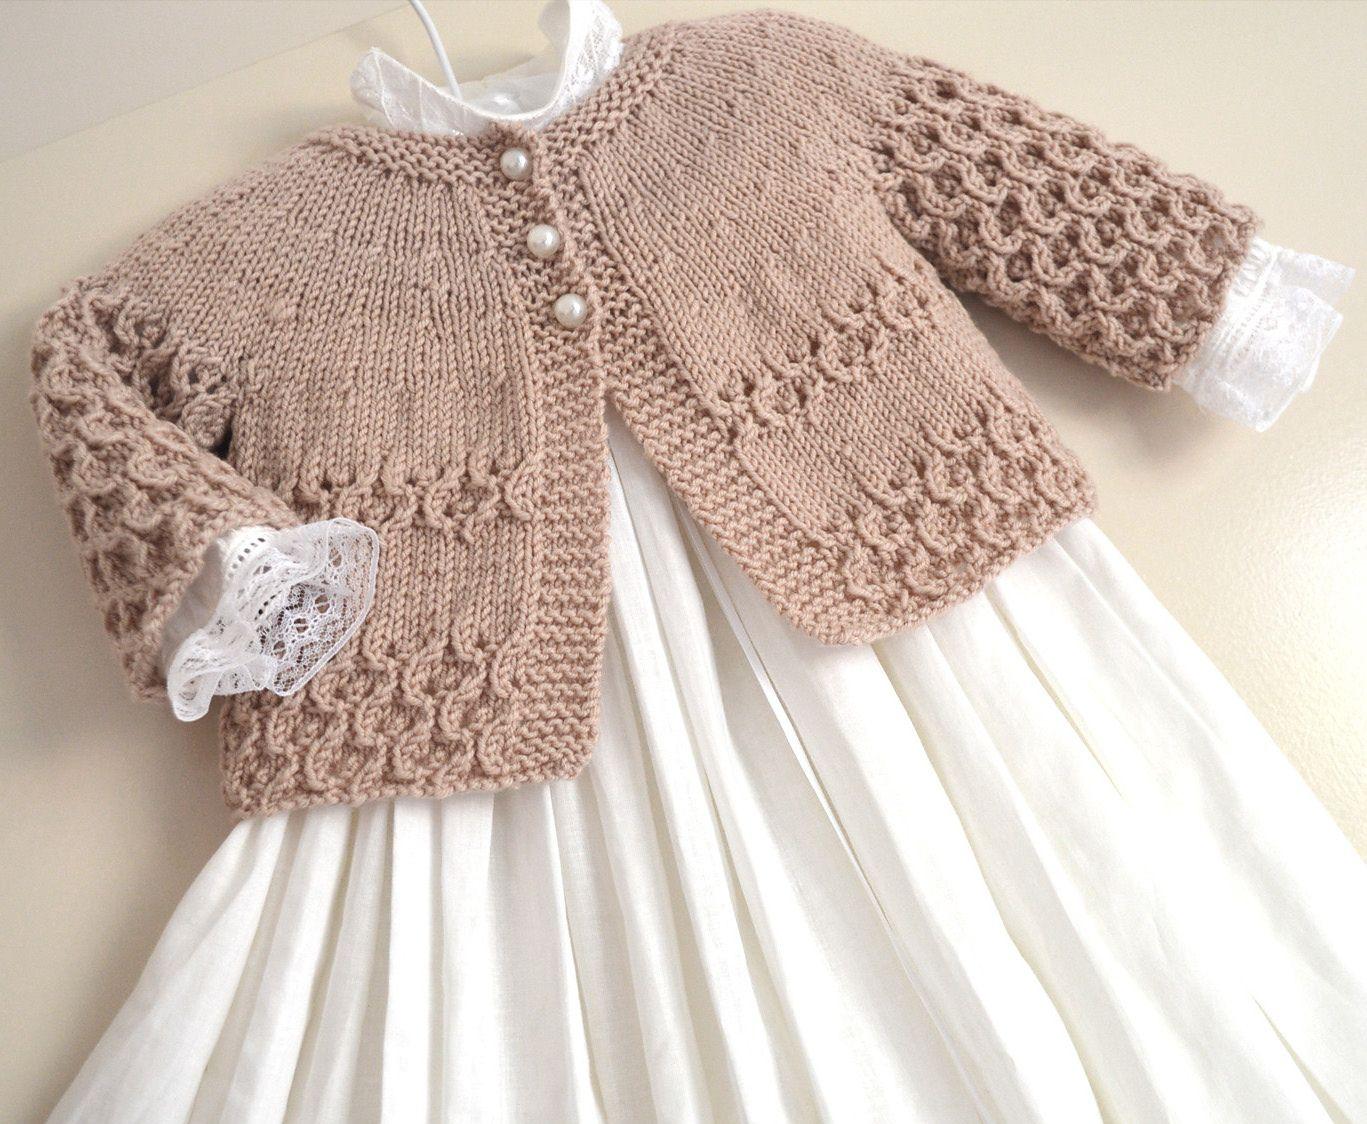 Round Yoke Cardigan Pattern By Oge Knitwear Designs Baby Knitting Patterns Knitwear Design Cardigan Pattern